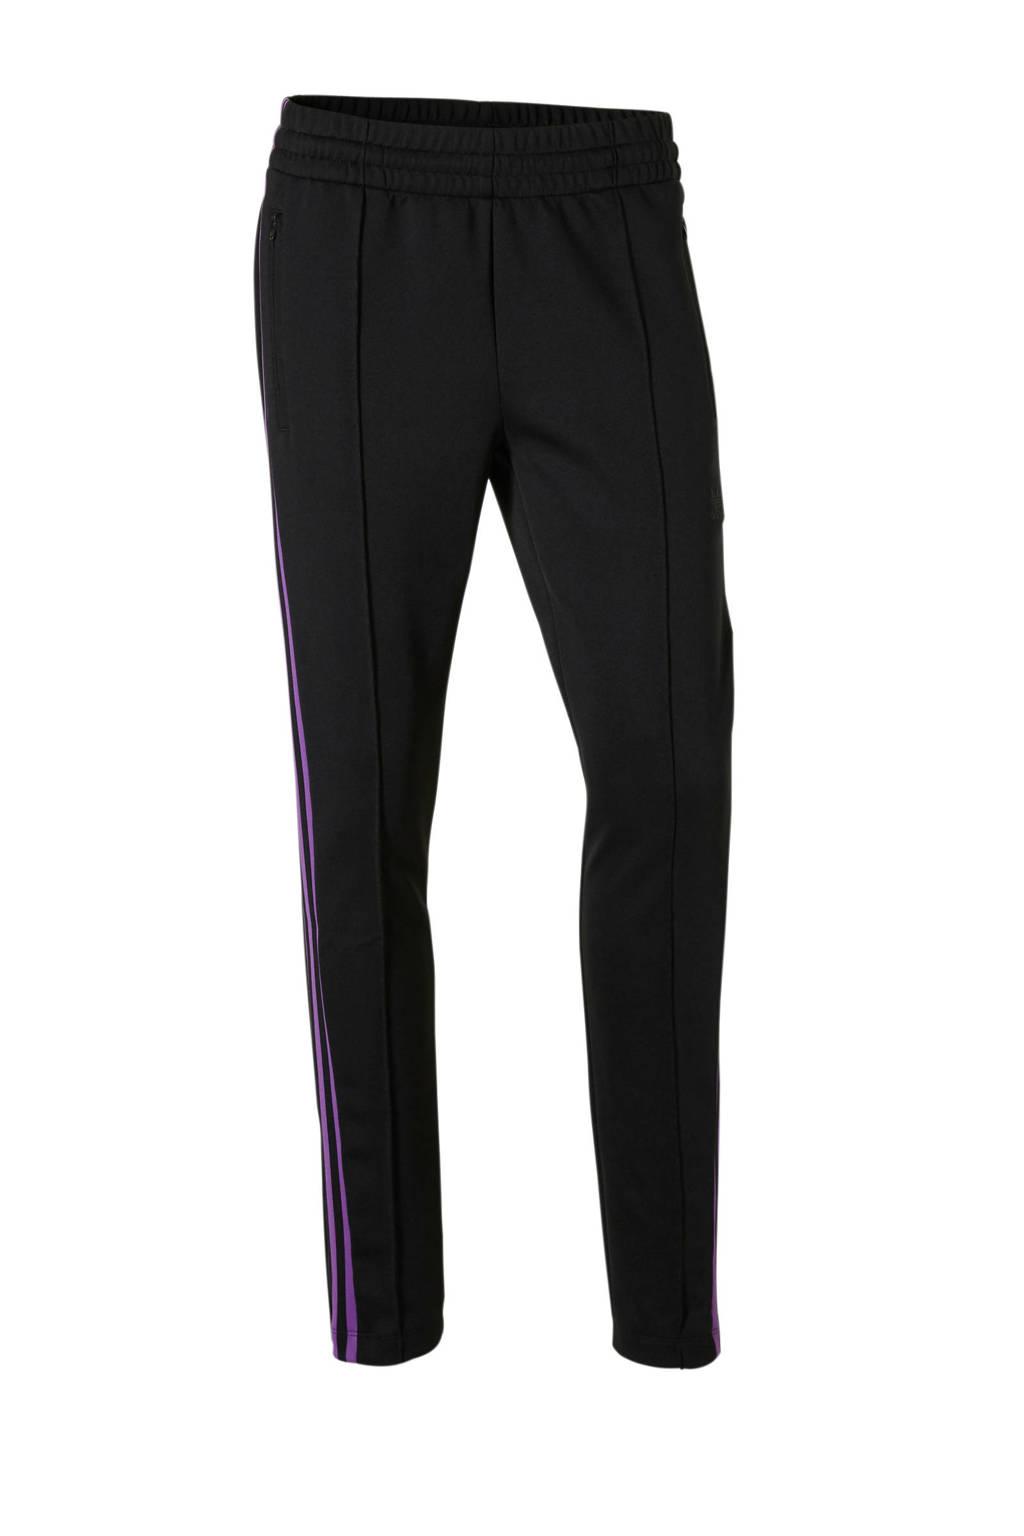 adidas originals sportbroek zwart, Zwart/paars